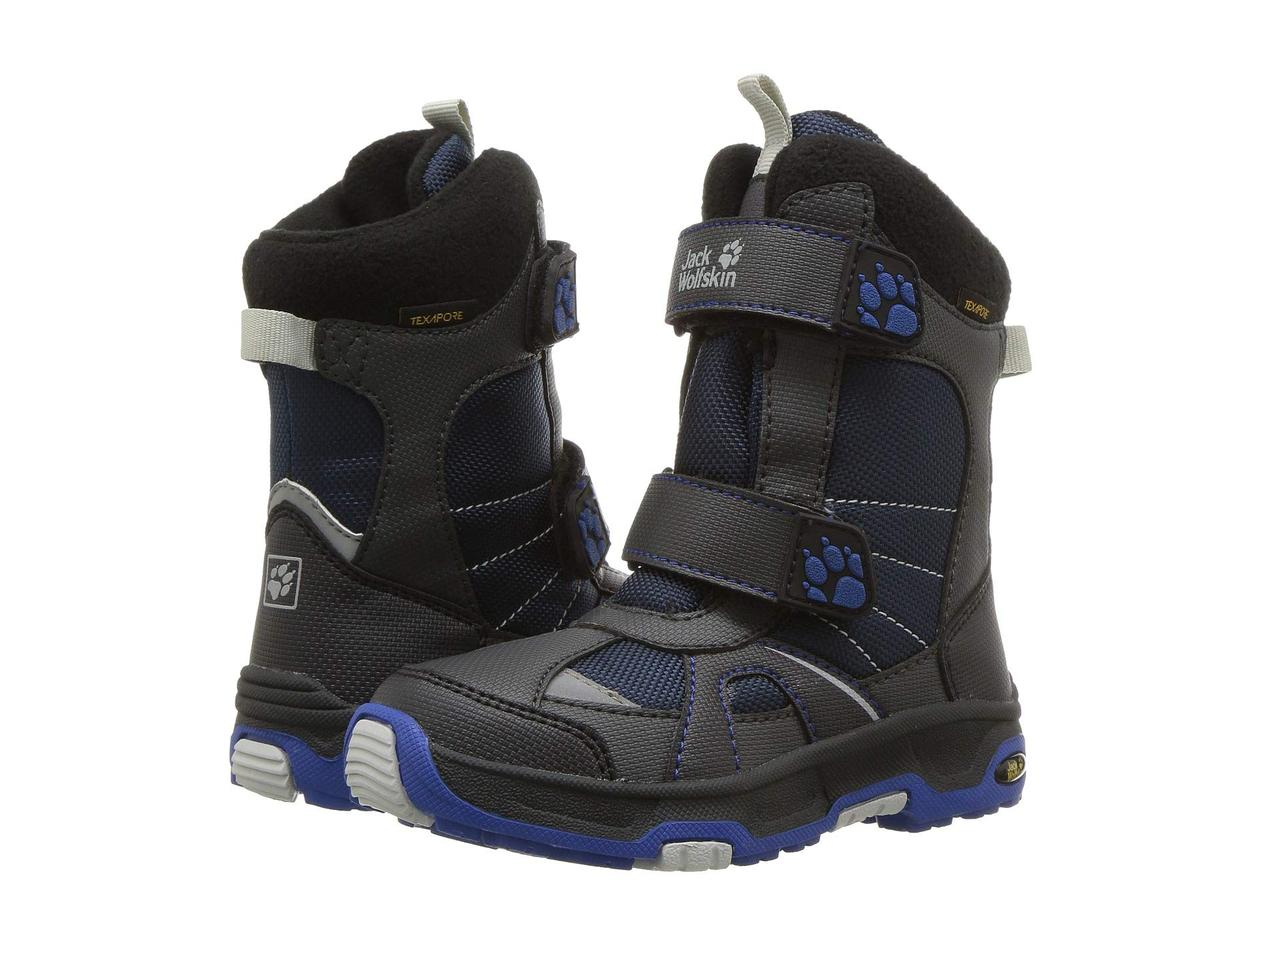 Зимние деткие термо сапоги ботинки Jack Wolfskin US 9 EUR 27 стелька 17 см